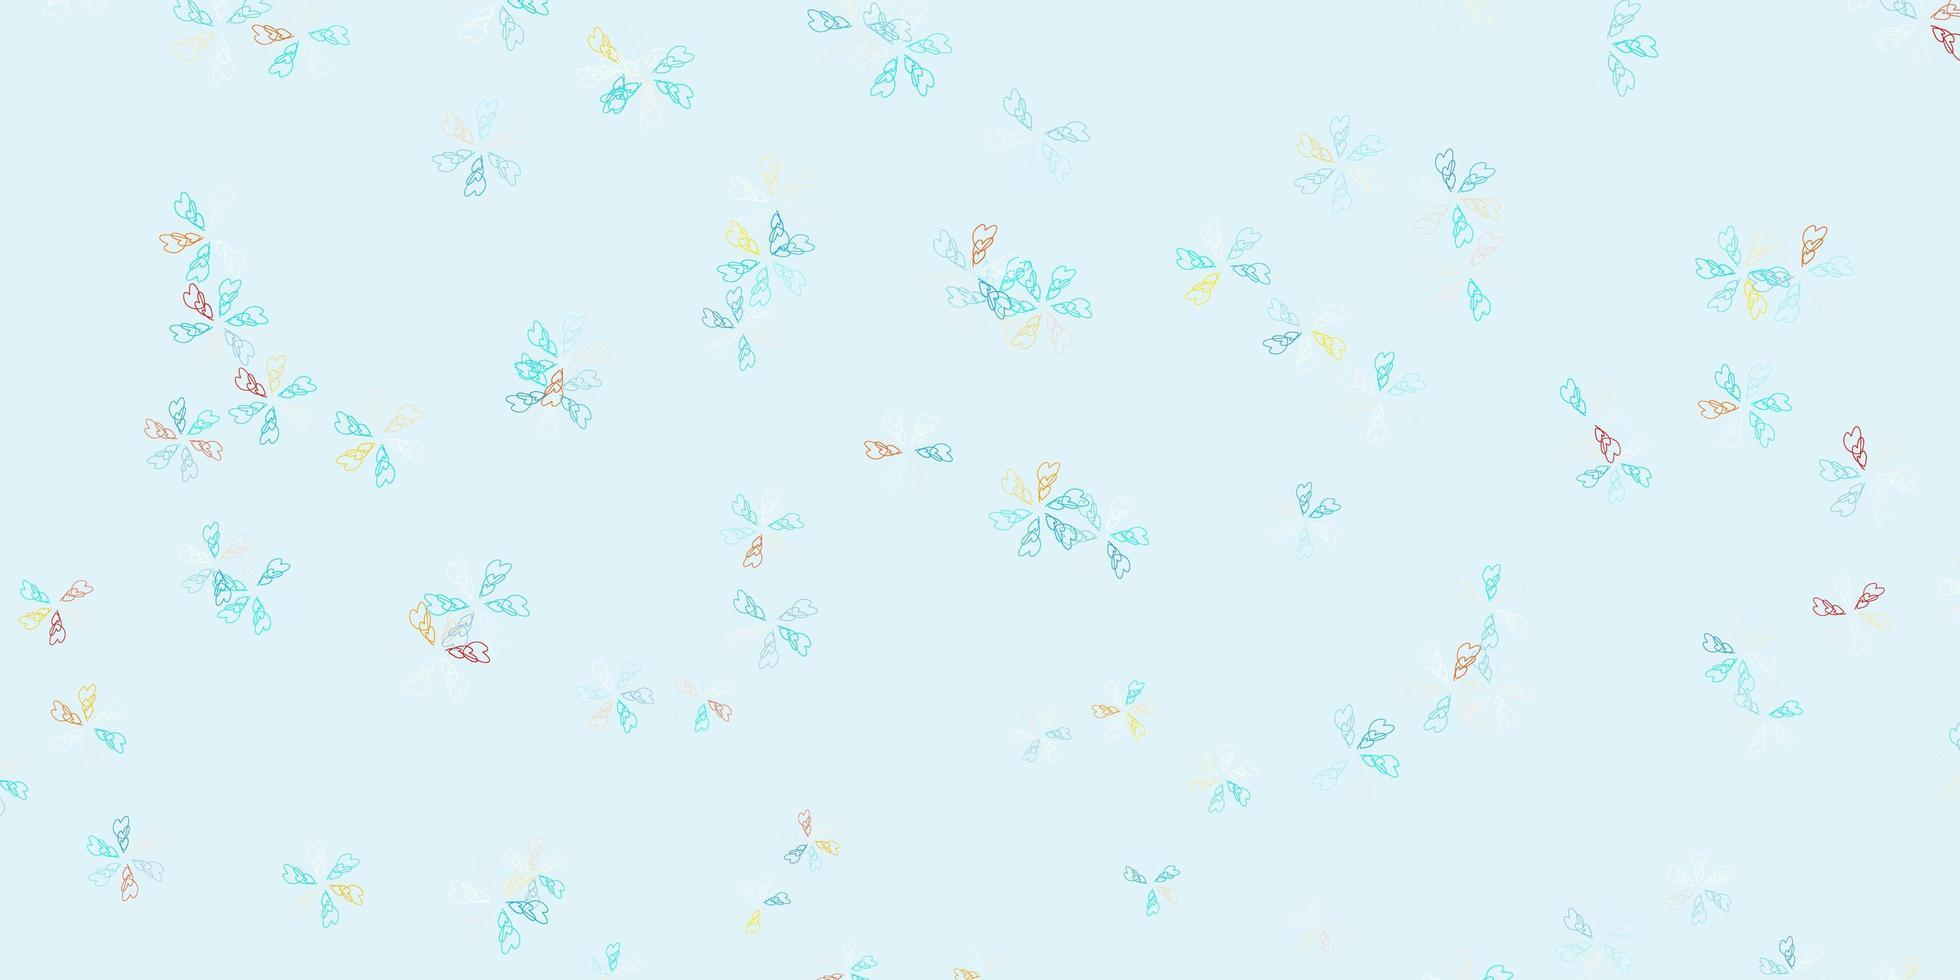 lichtblauwe, gele vector abstracte lay-out met bladeren.